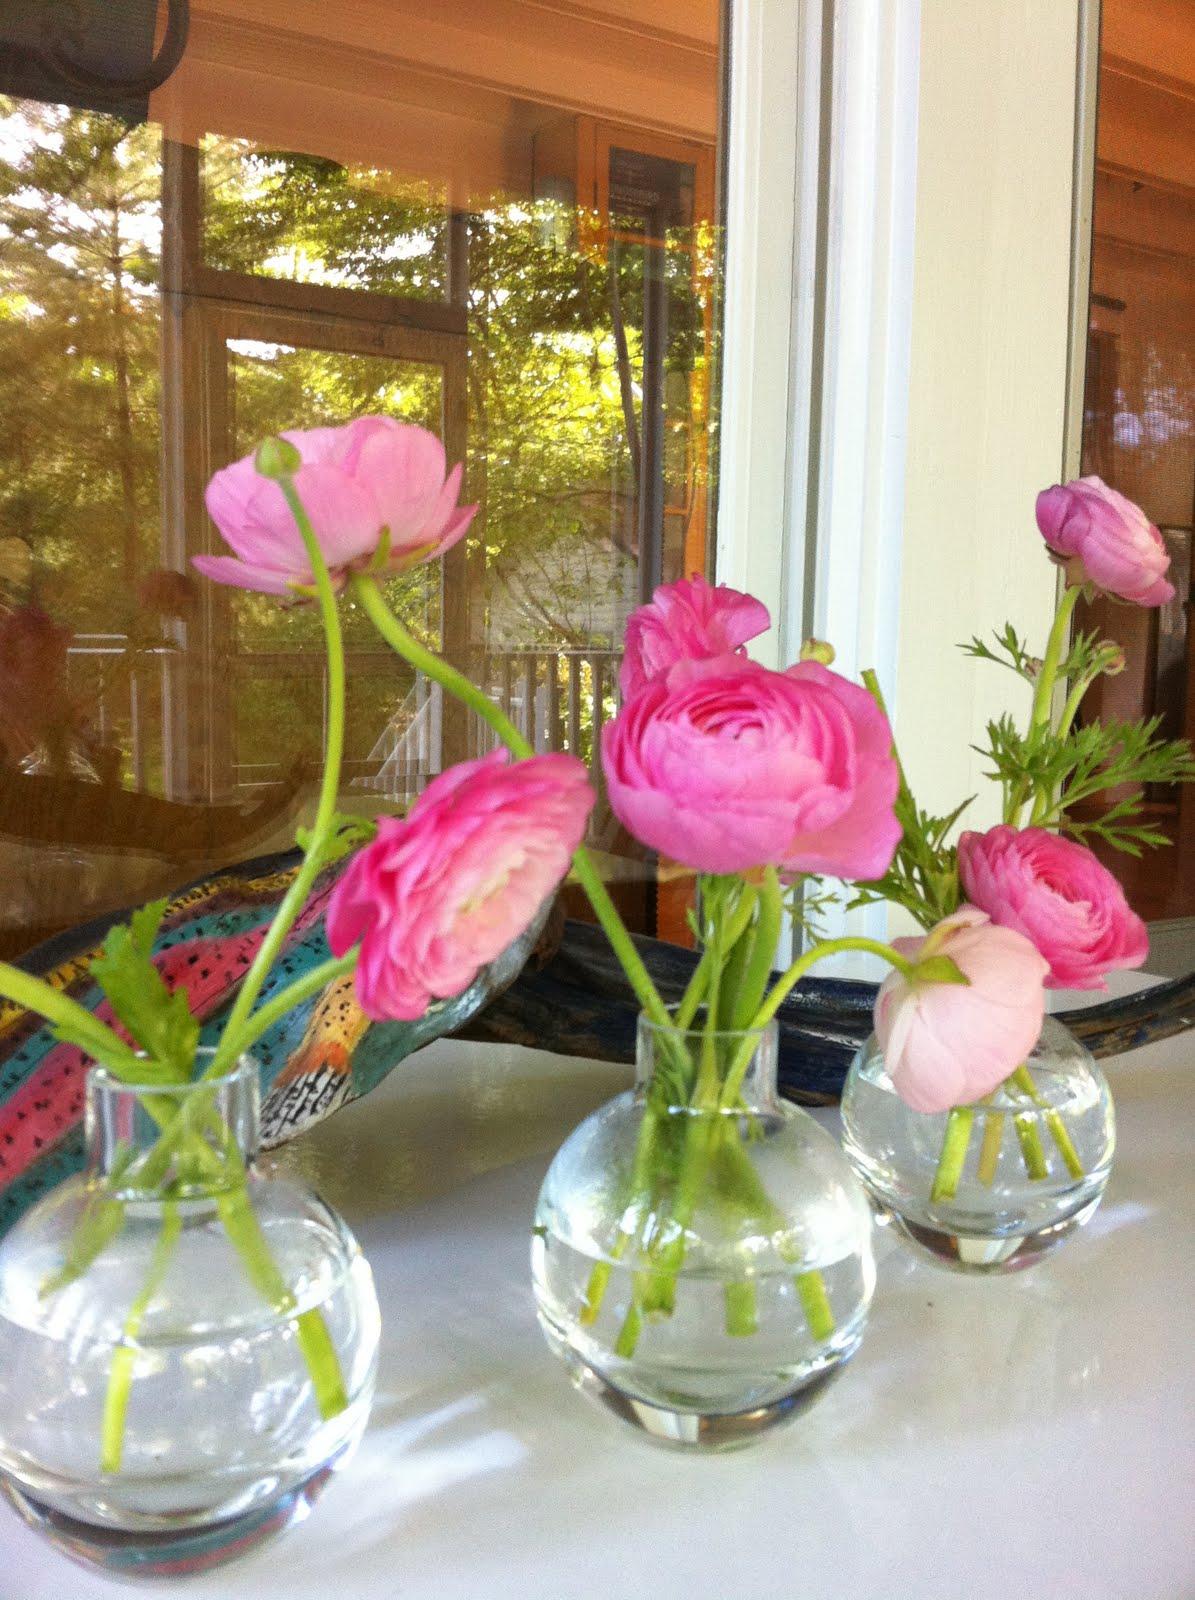 Nothing found for rtt sweet 16 flower arrangements for Flower arrangements for sweet 16